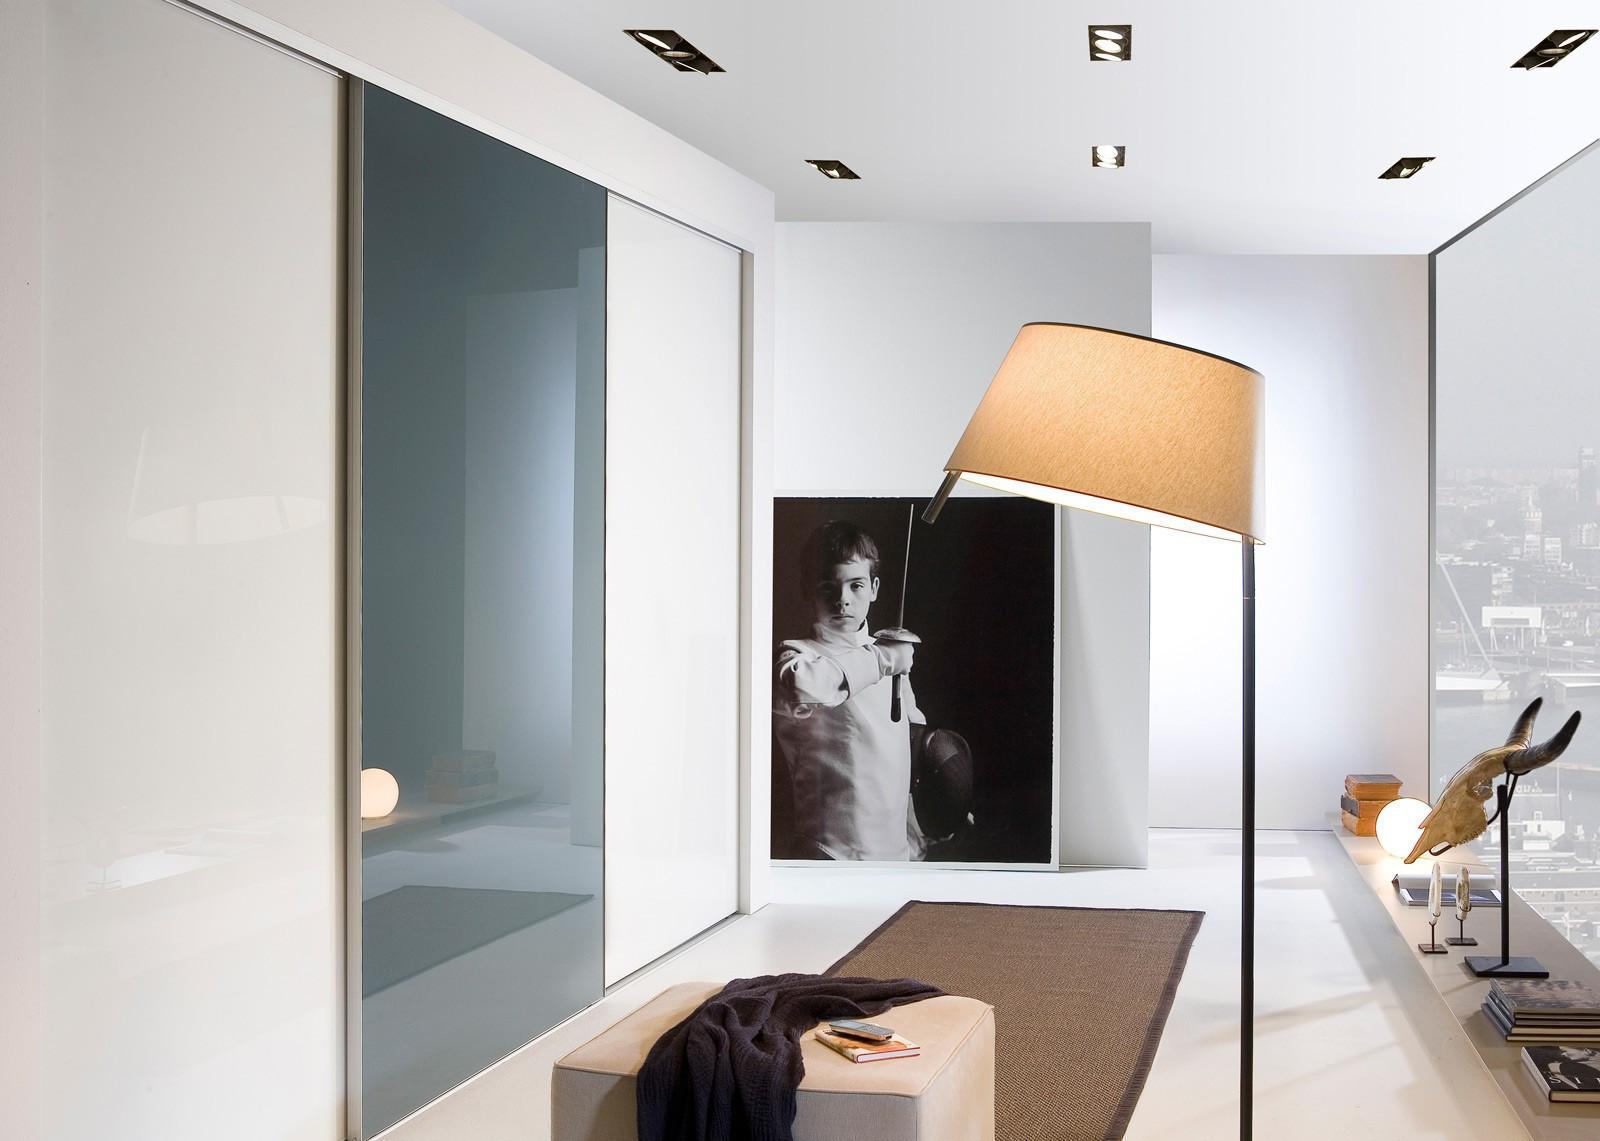 portes coulissantes armoire sur mesure en verre laqu armoires mobilier dressings parois de. Black Bedroom Furniture Sets. Home Design Ideas